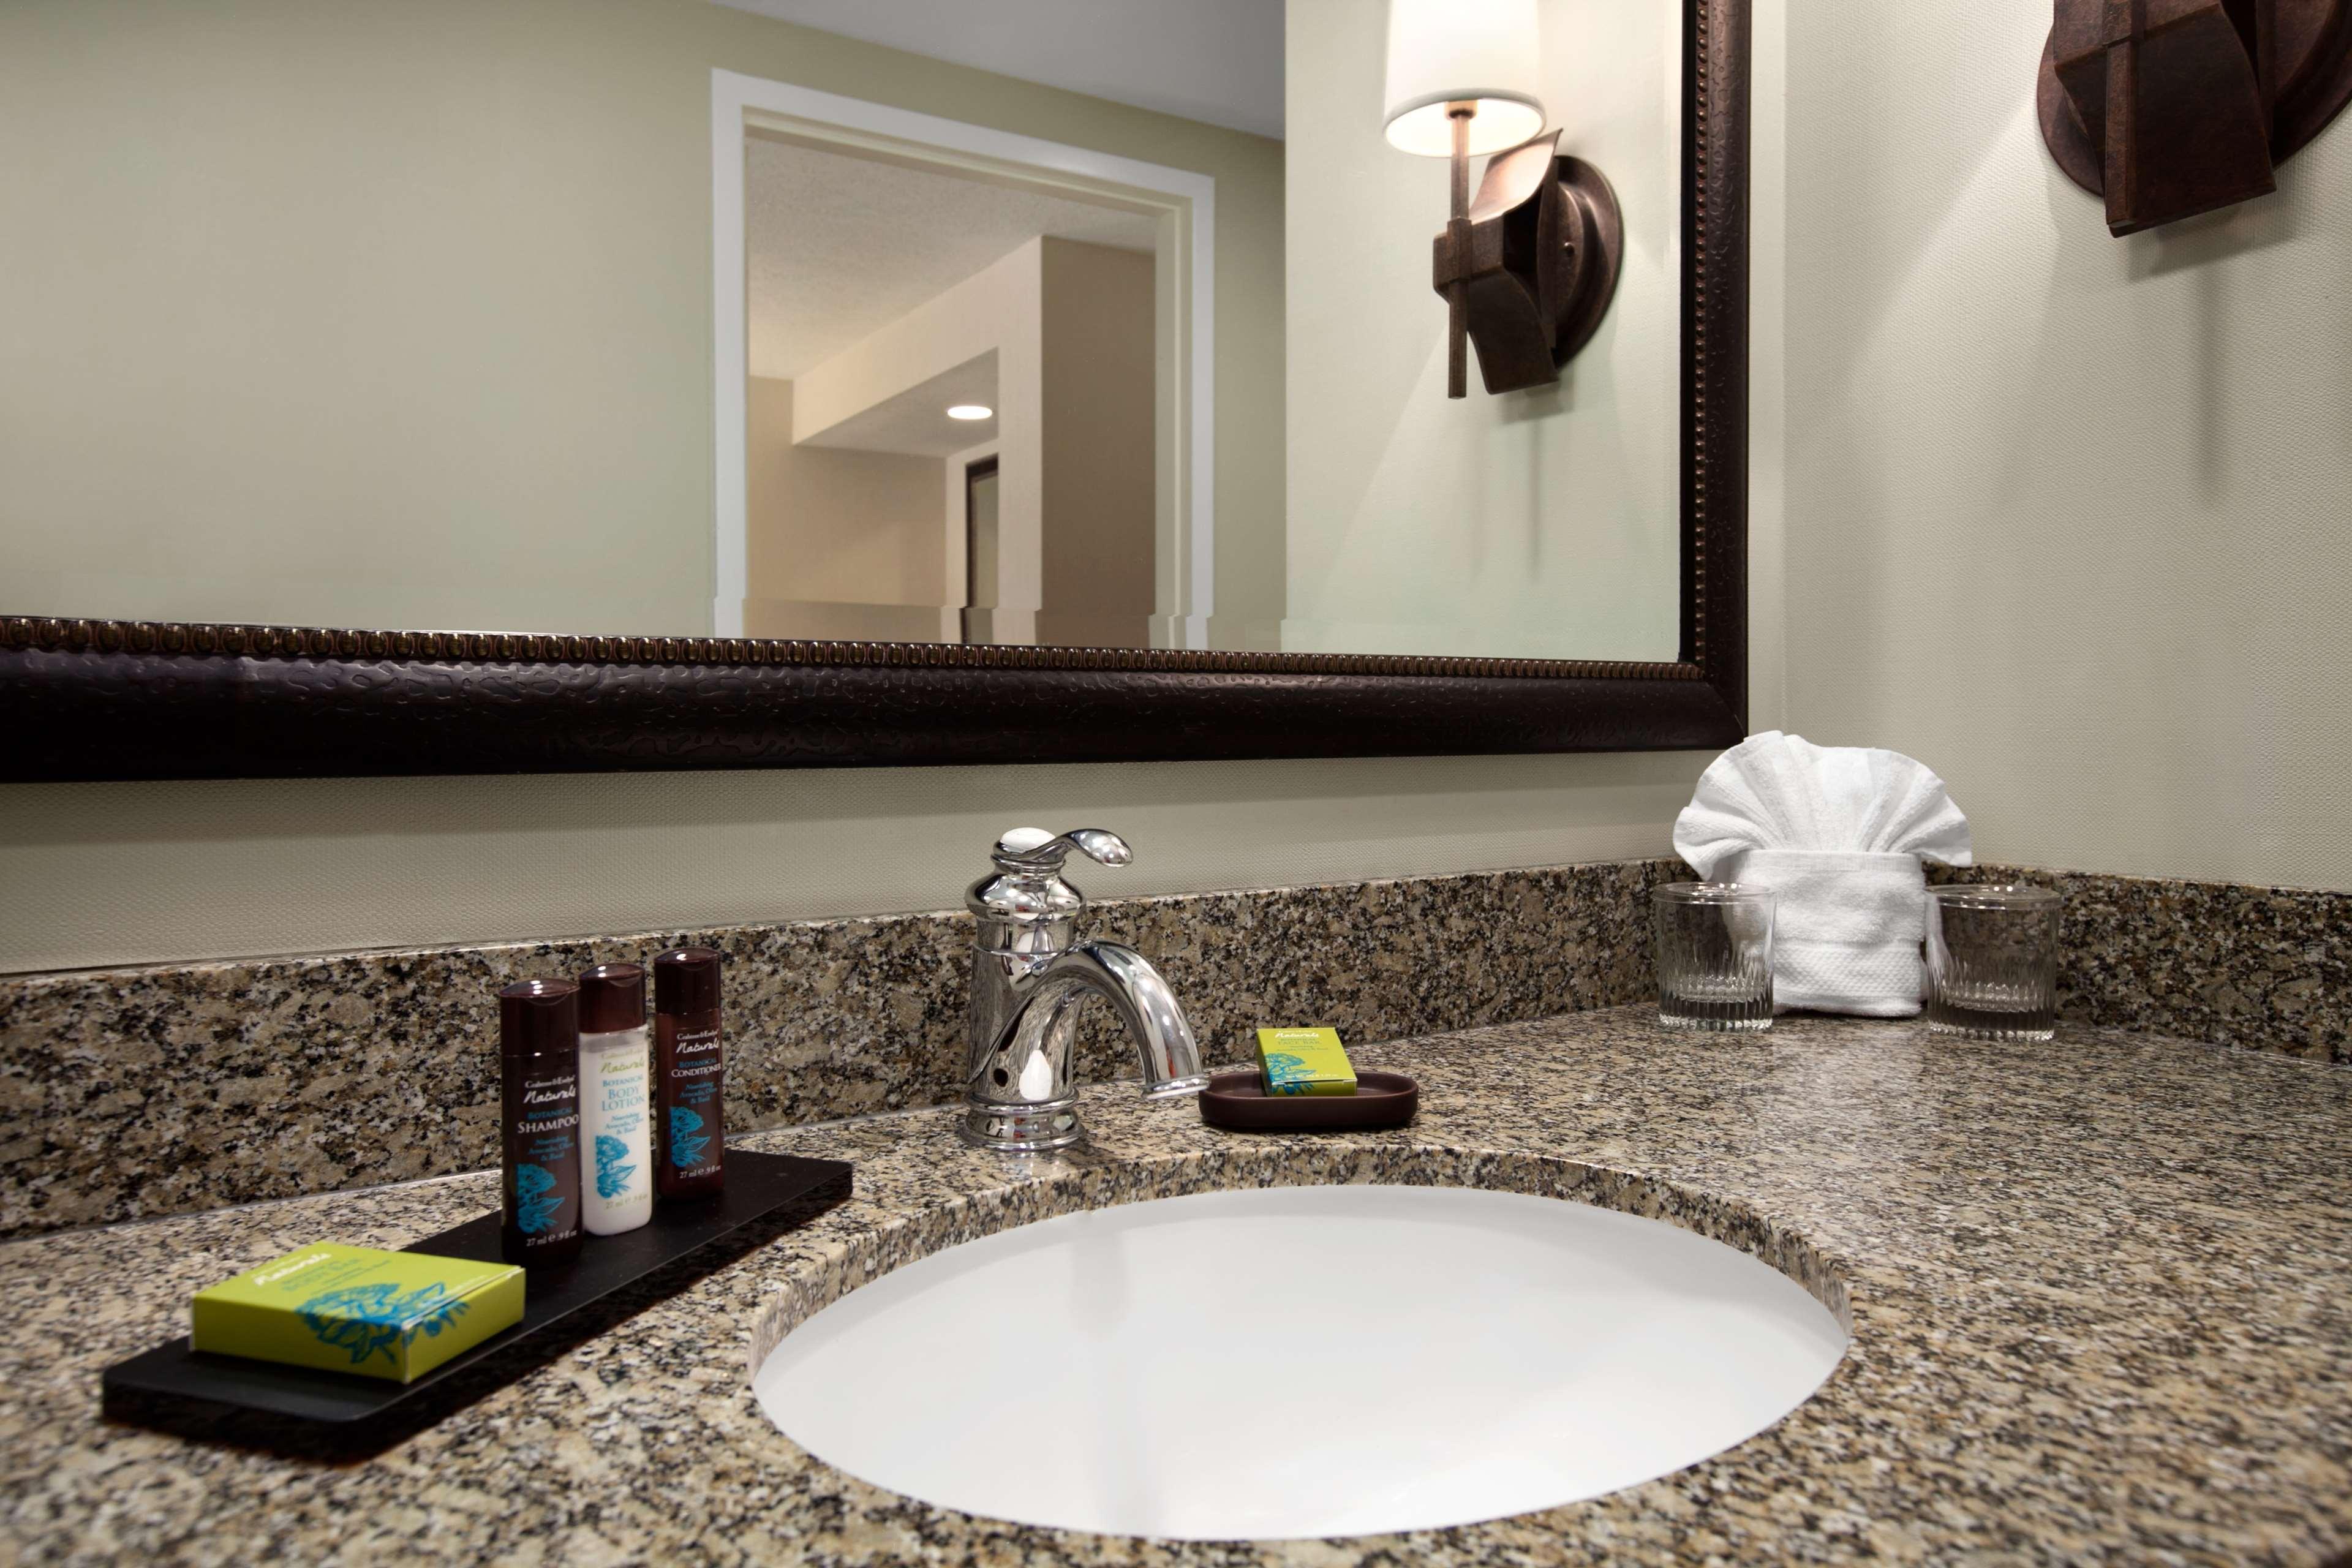 Embassy Suites by Hilton La Quinta Hotel & Spa image 24